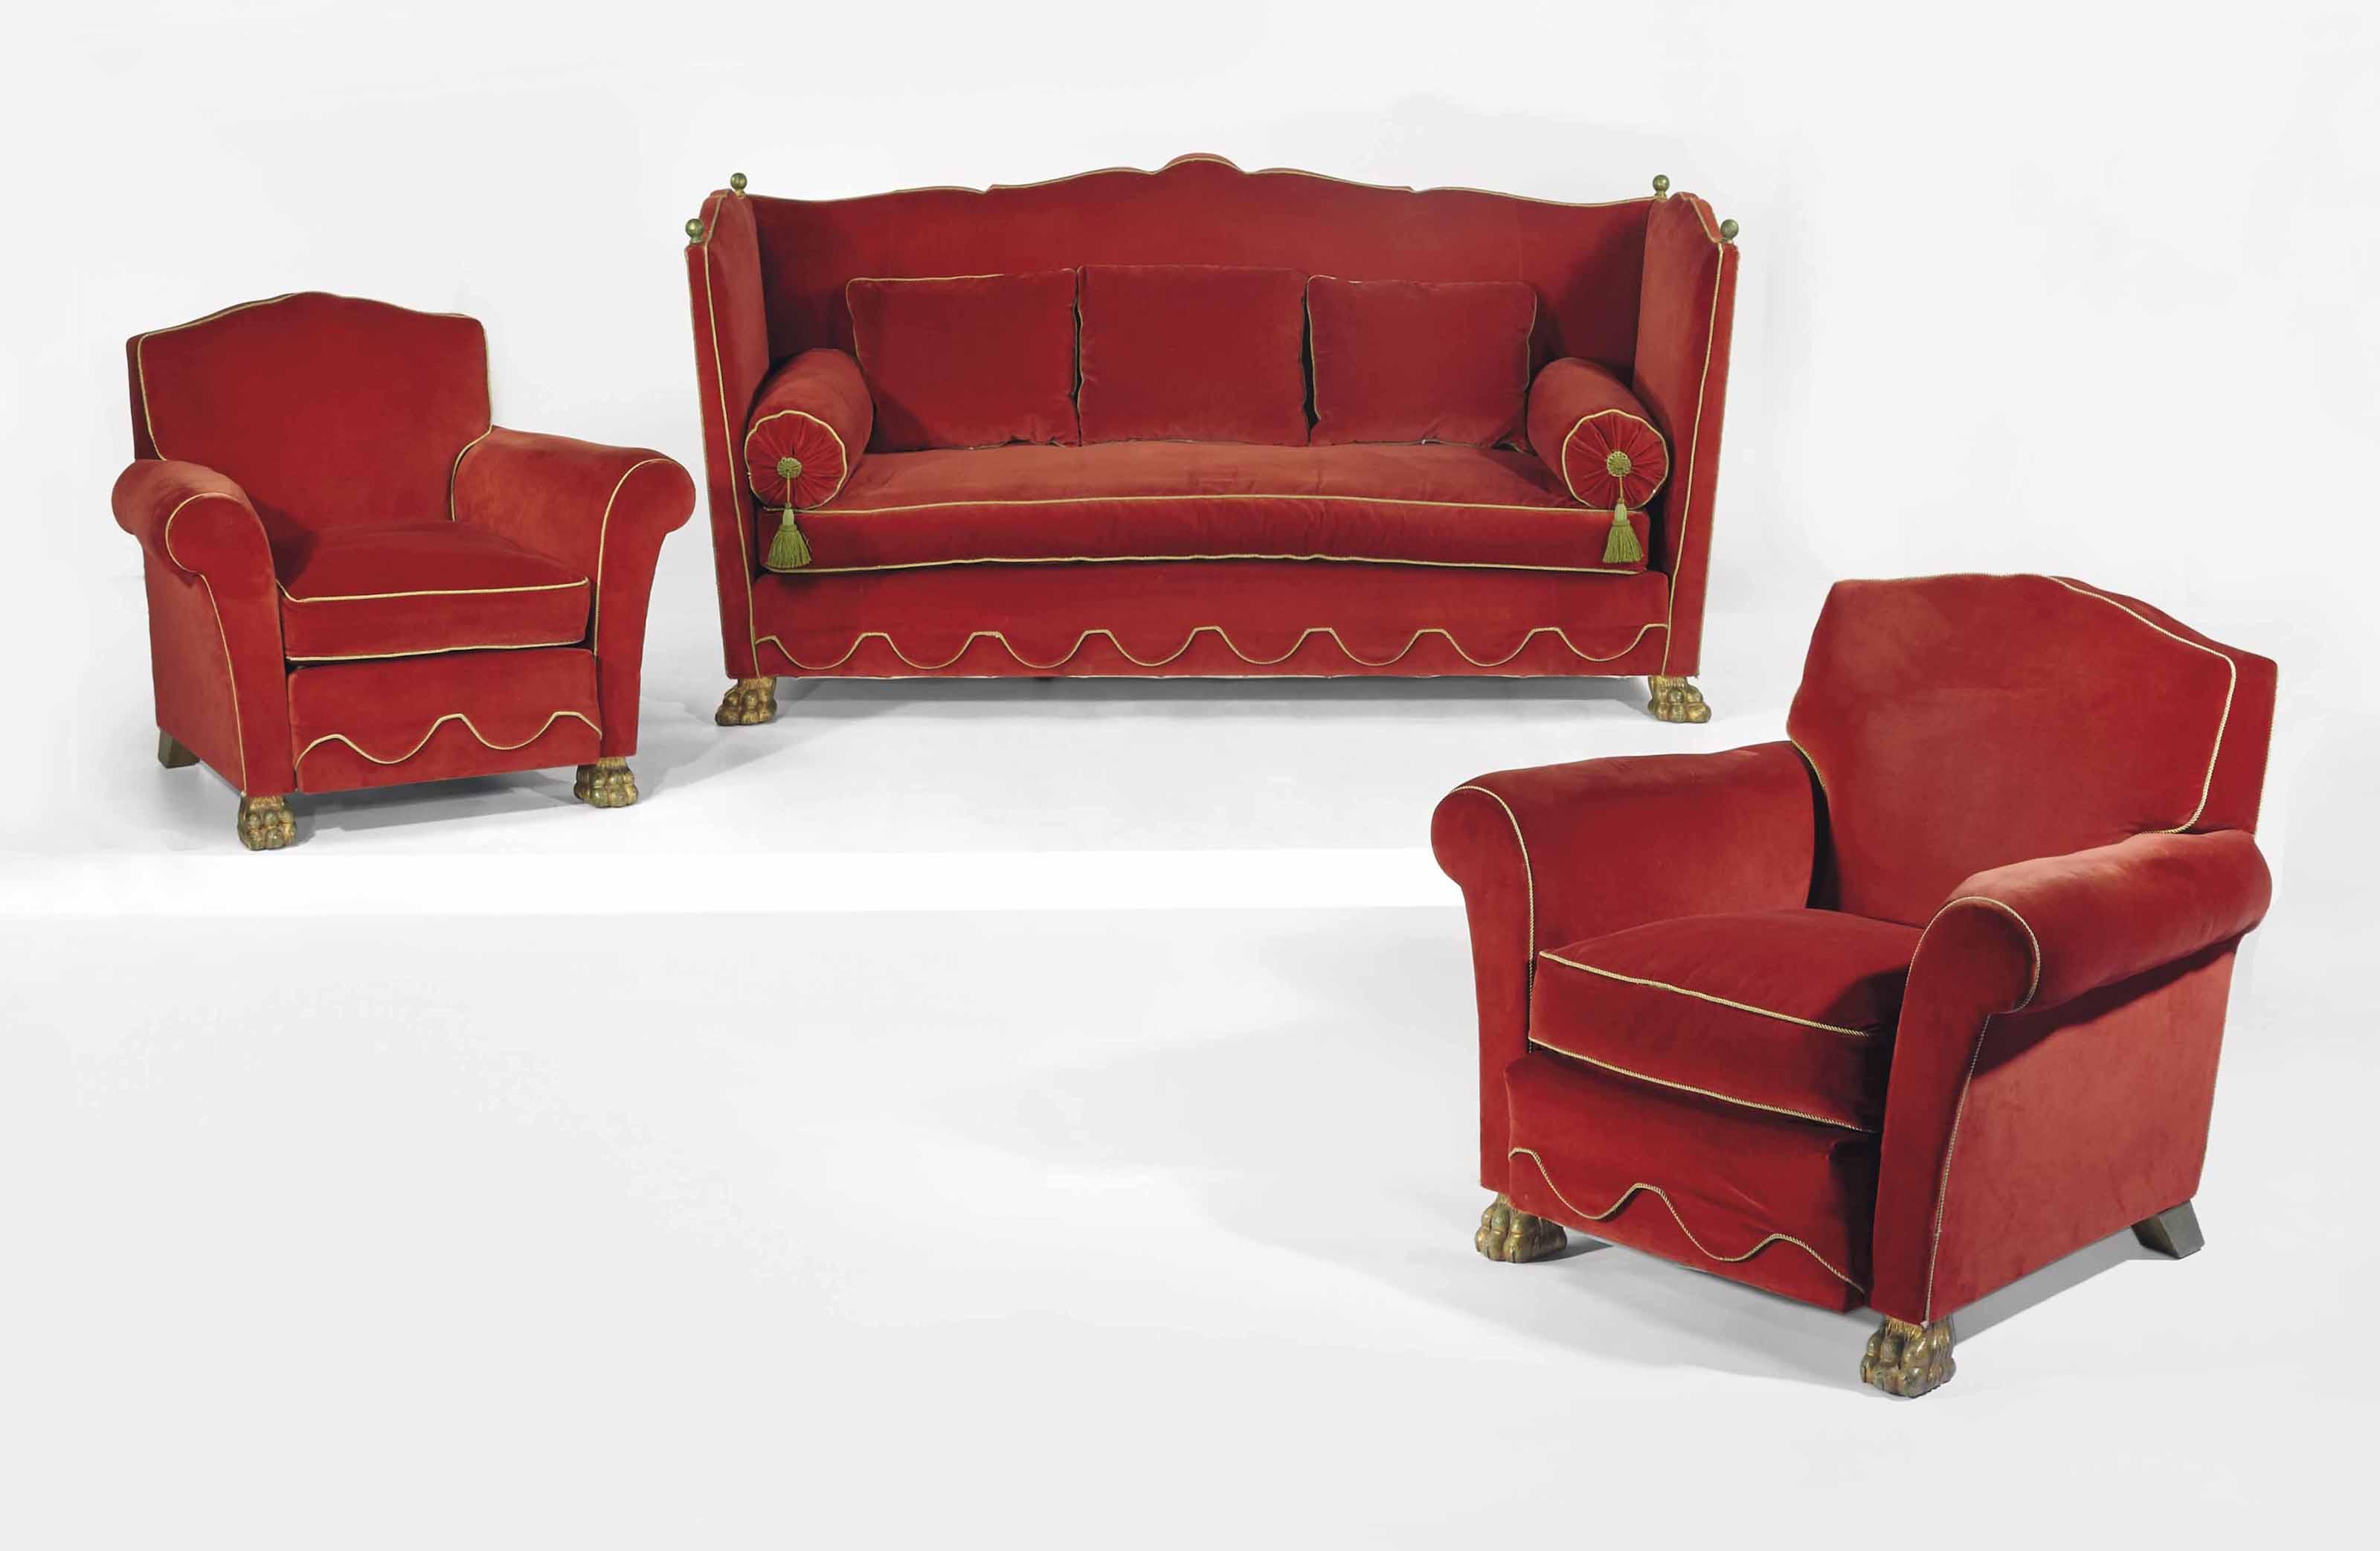 Jean charles moreux 1889 1956 mobilier de salon vers 1937 christie 39 s for Mobilier de salon